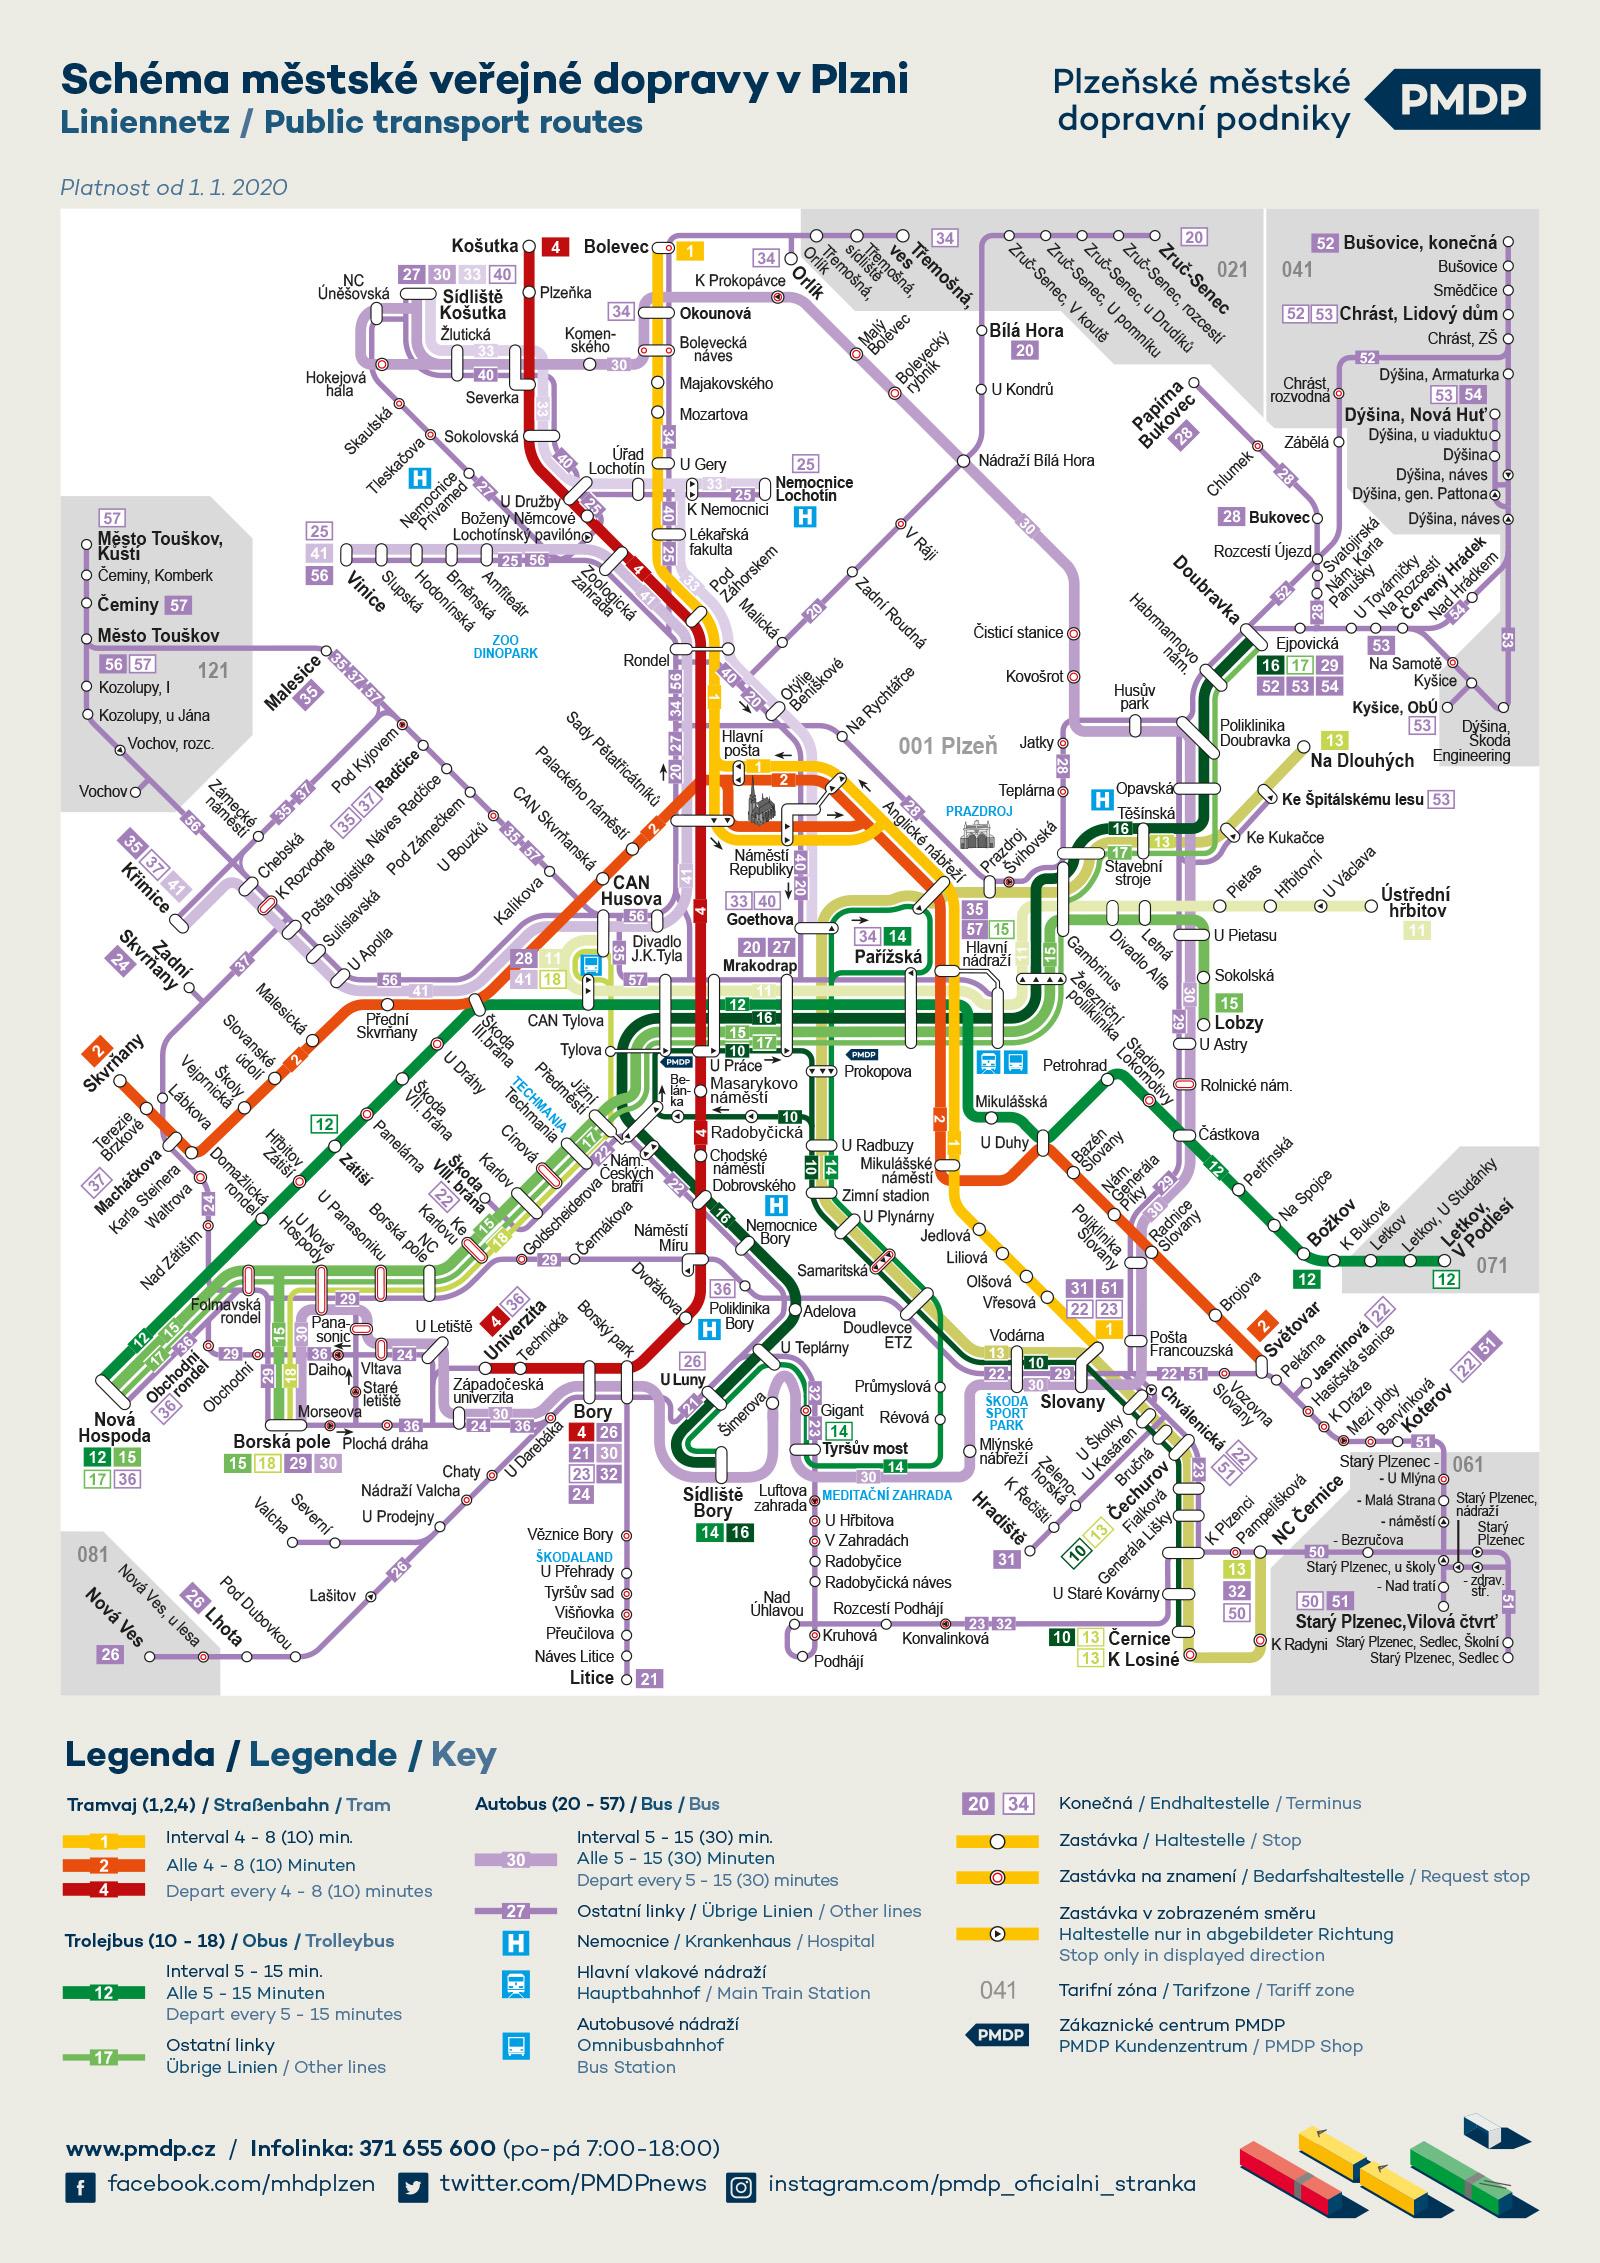 Mapa Mhd Plzenske Mestske Dopravni Podniky A S